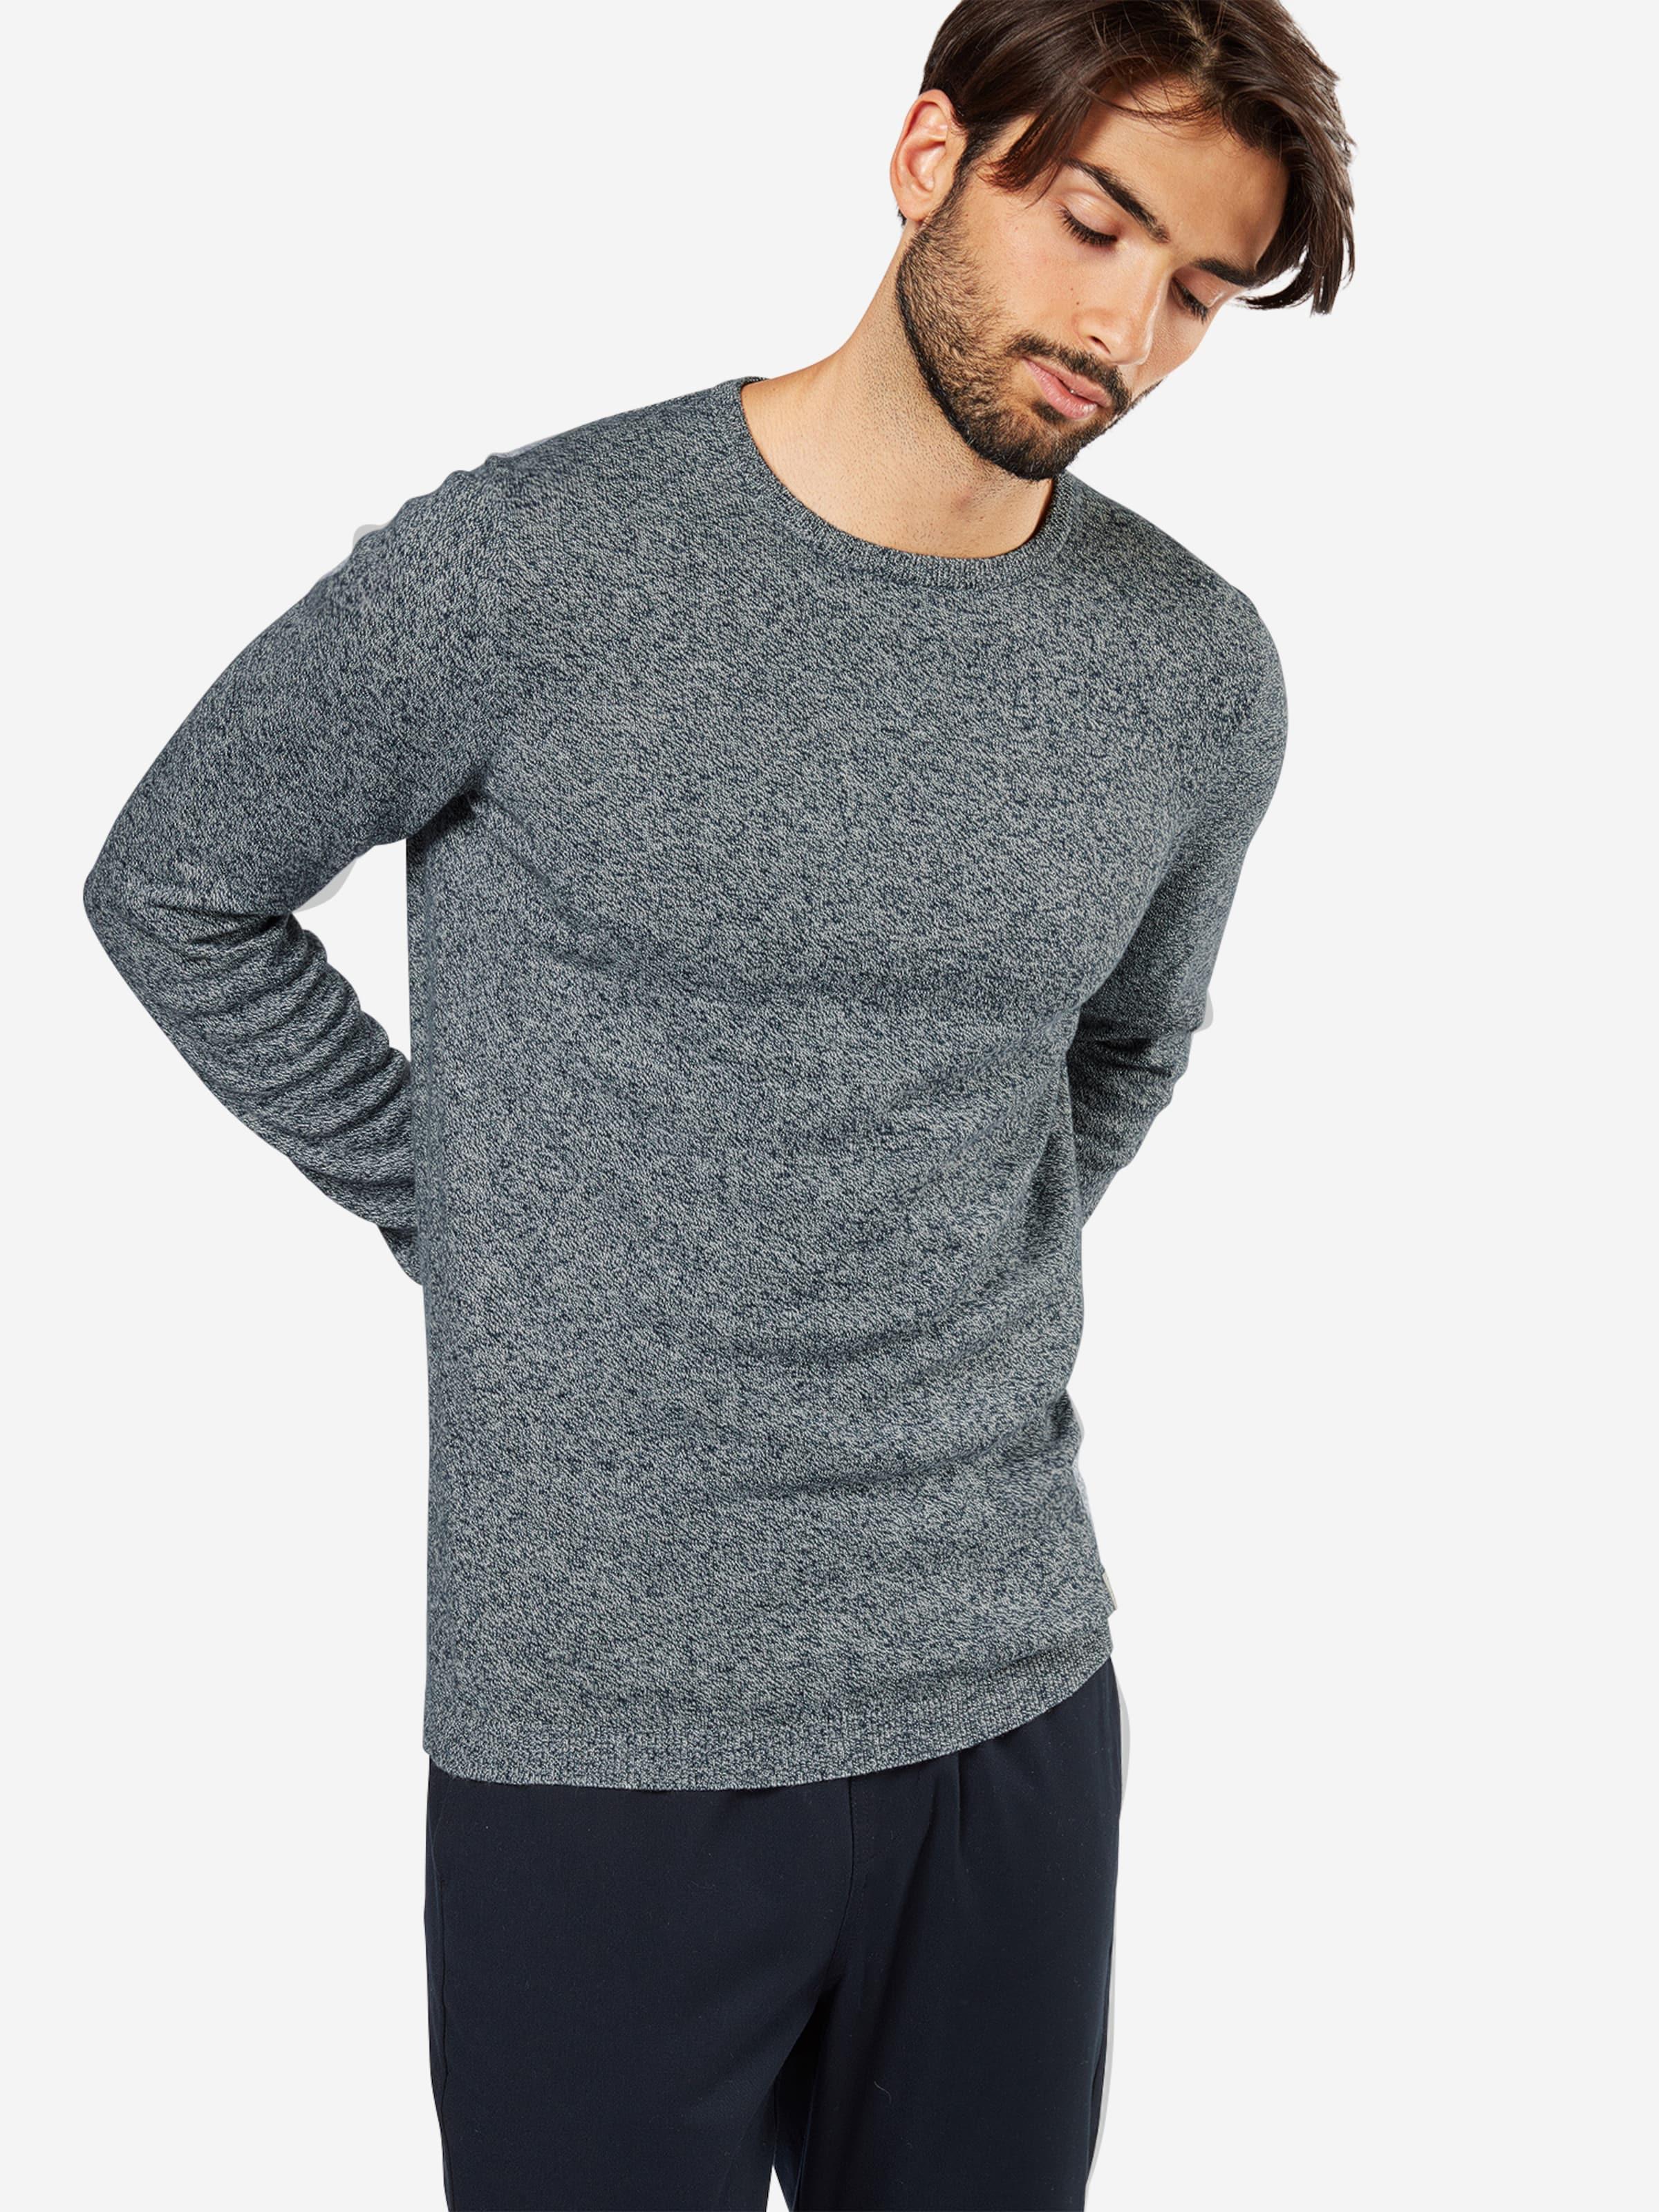 Billig Verkauf Rabatte Preiswert TOM TAILOR DENIM Pullover 'grindle basic plus crewneck' 100% Original Online KUY3N9g05t